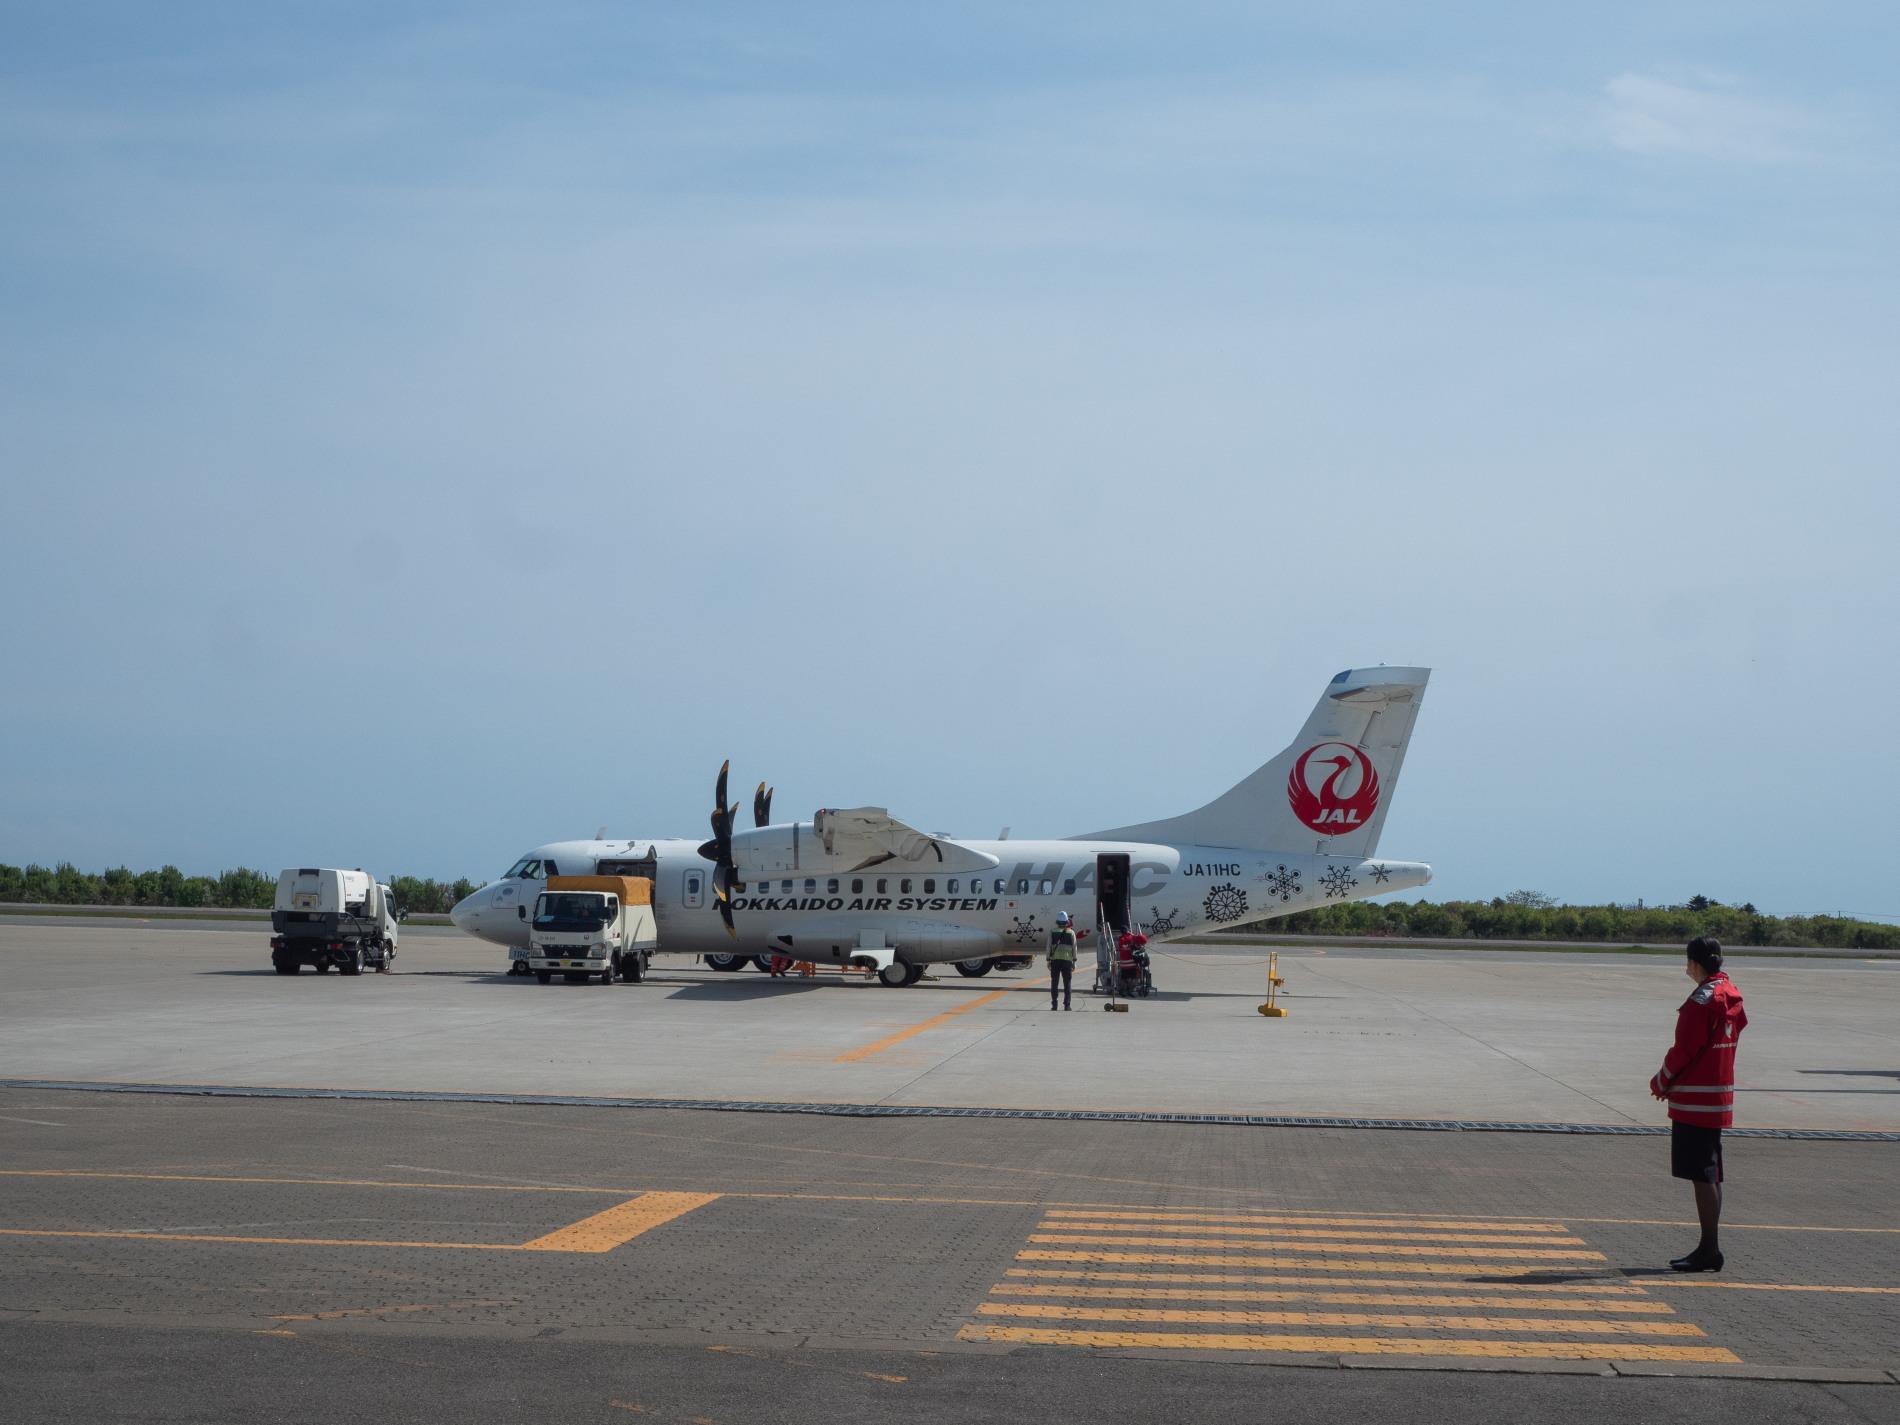 北海道エアシステムの新機材ATR42に乗って・・函館へ(1)_f0276498_13072930.jpg